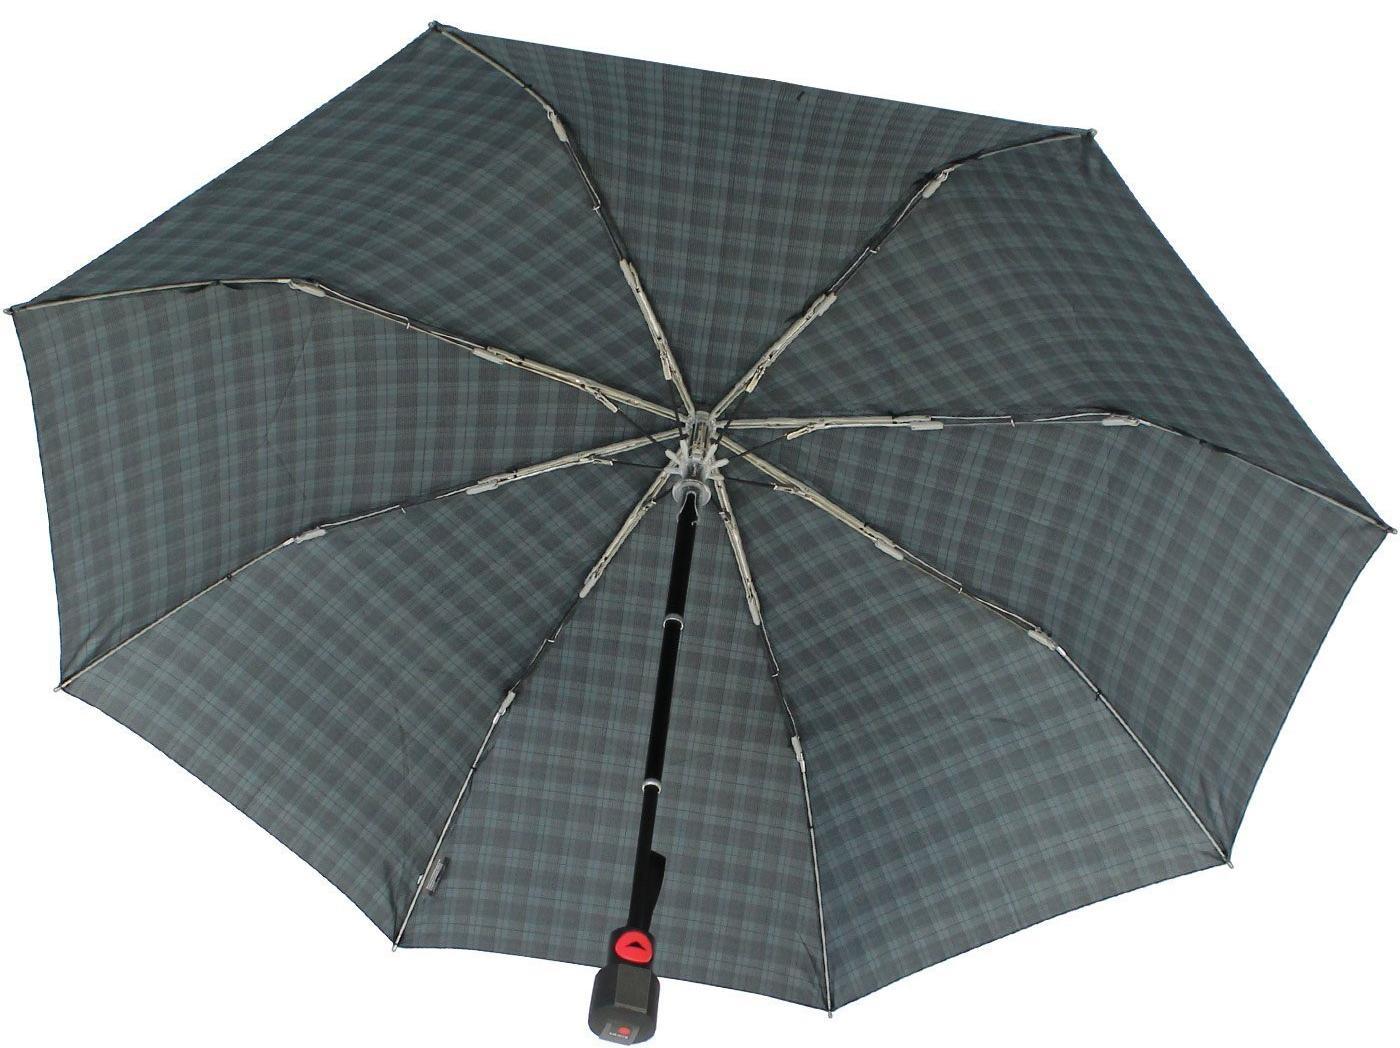 Schirme Regenschirm Xxl 130cm Partnerschirm Schirm Groß Stabil Rot